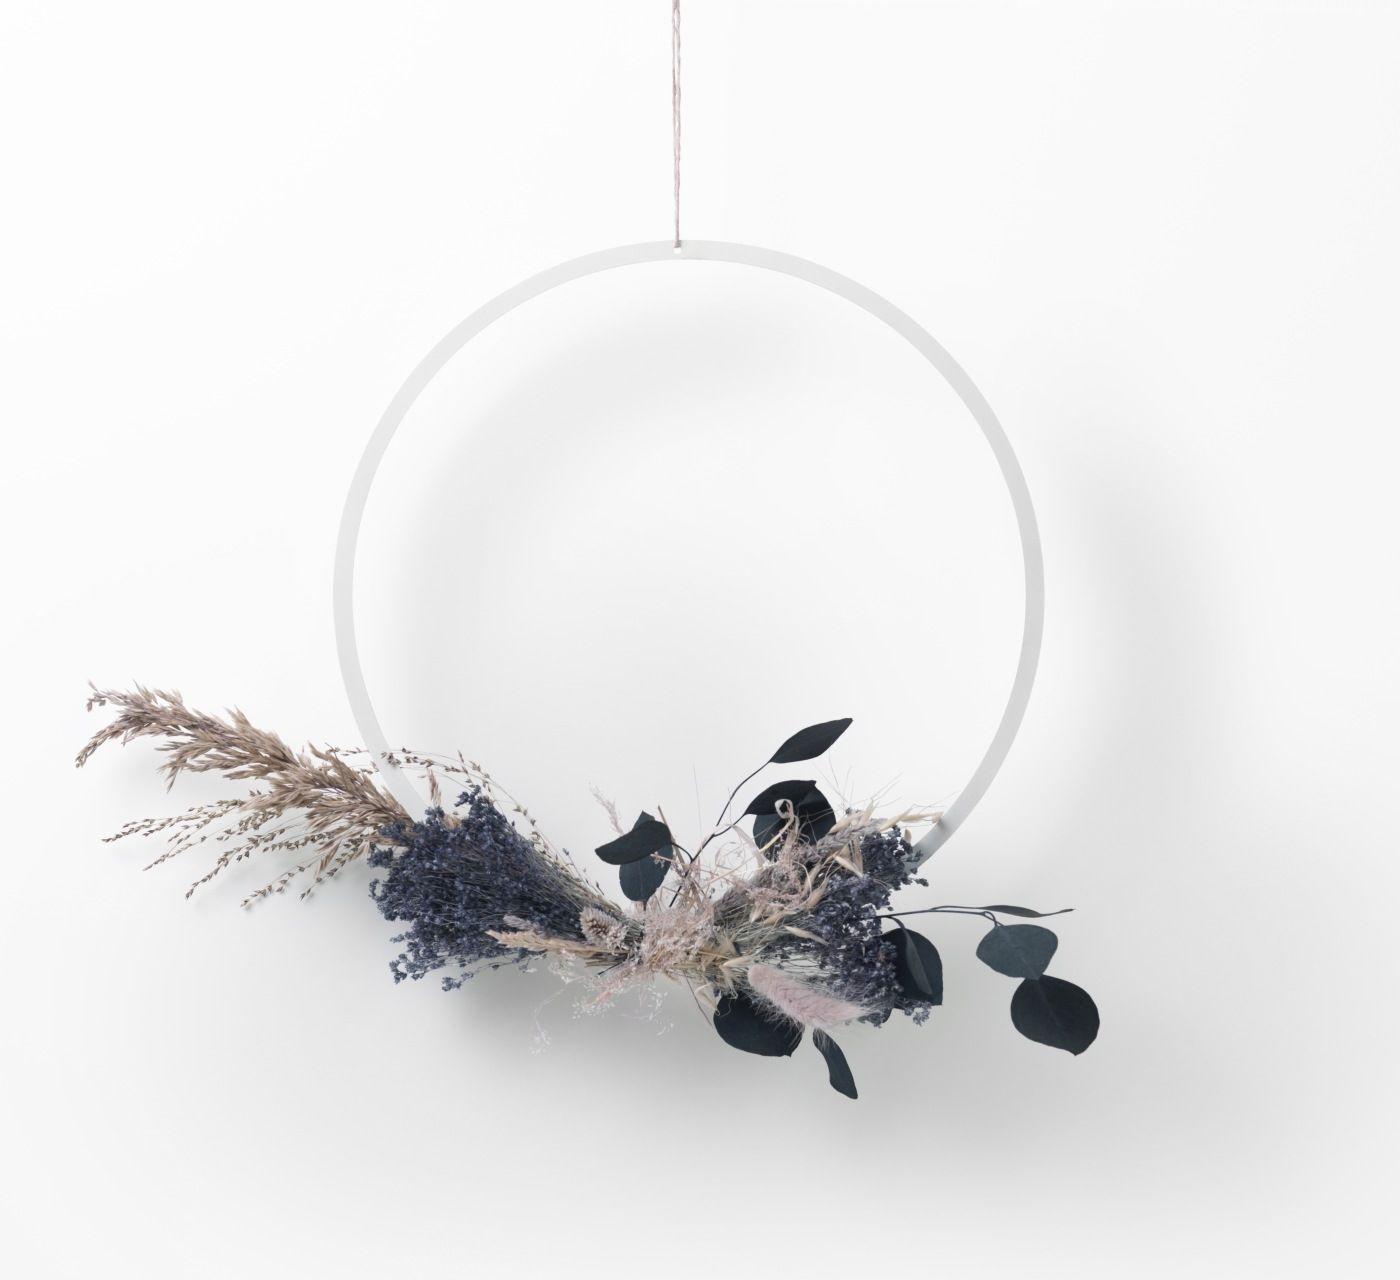 BIAŁY metalowy okrągły pierścień / obręcz / wianek dekoracje fi-35 cm NAGA (70149)